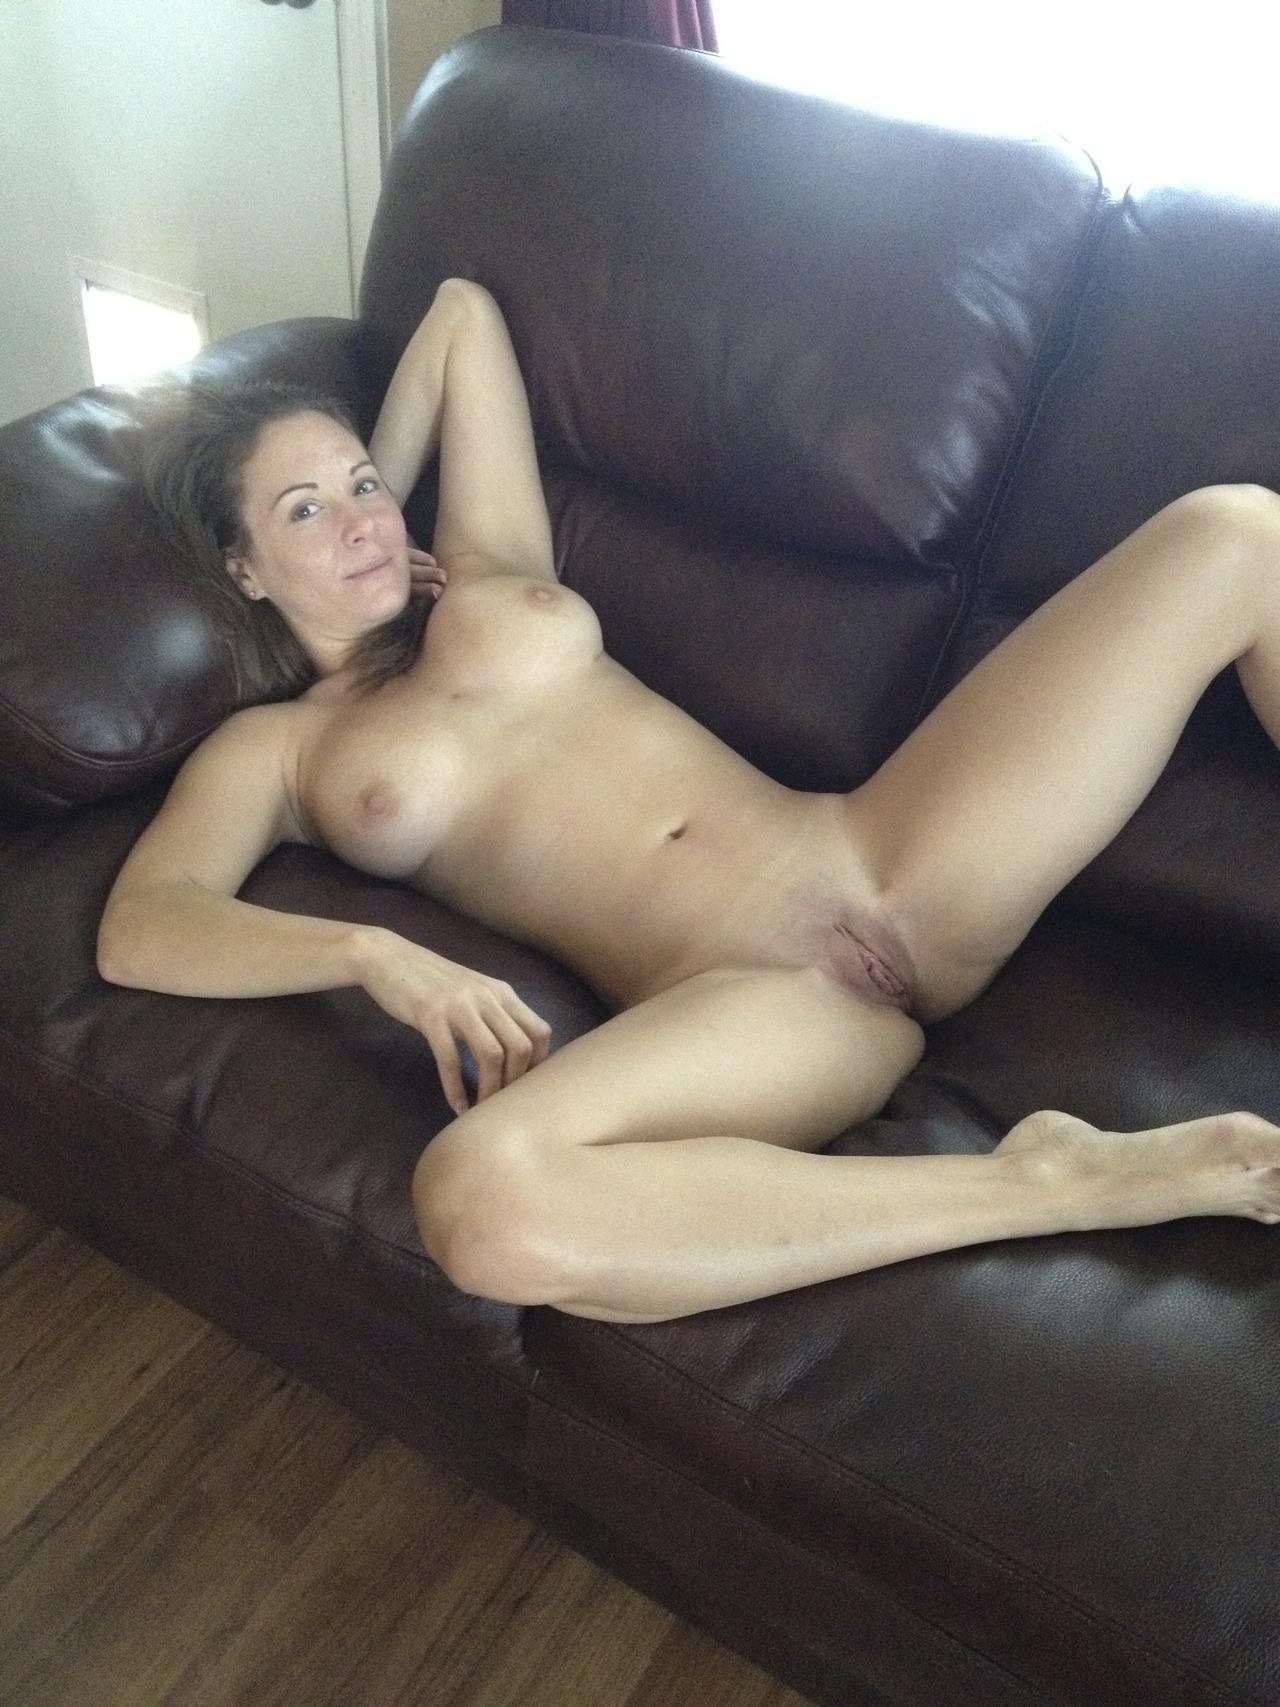 Сексуальные дамочки с сиськами находятся дома голышом 20 фото